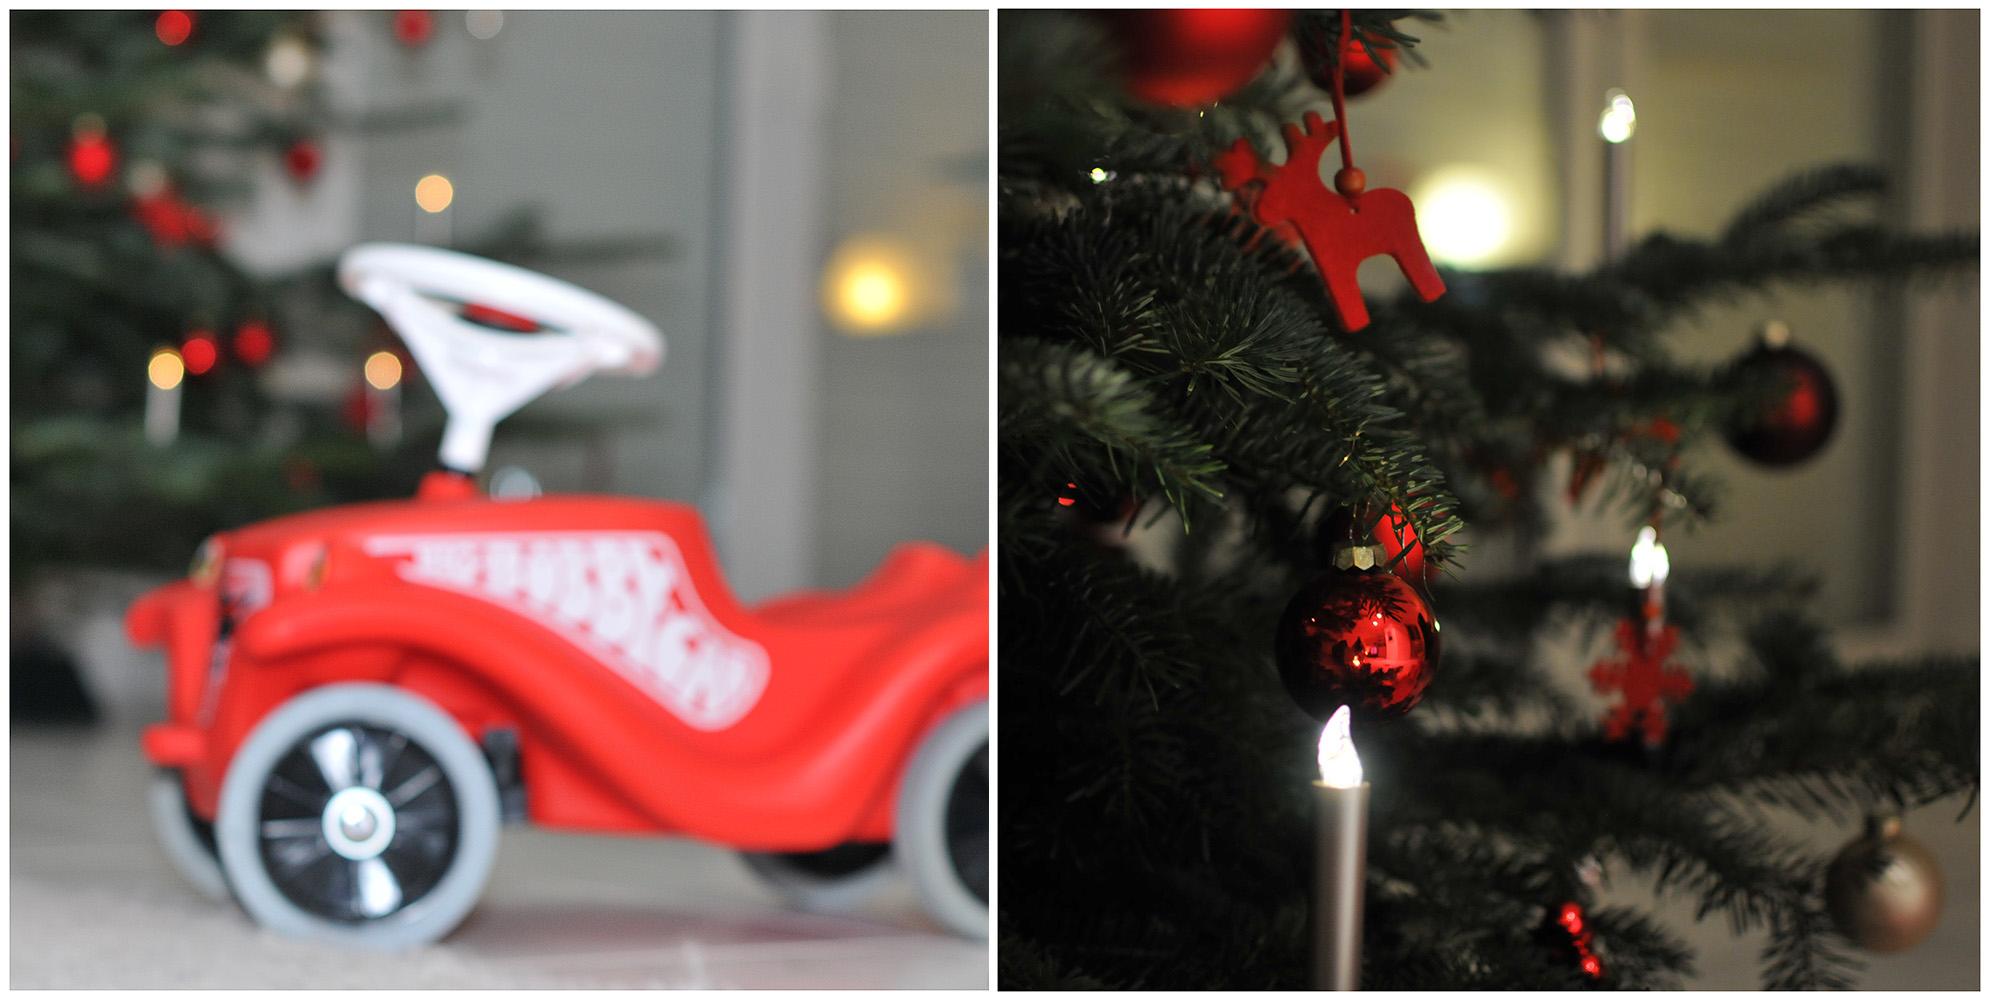 das war weihnachten...guten Rutsch ins neue Jahr!